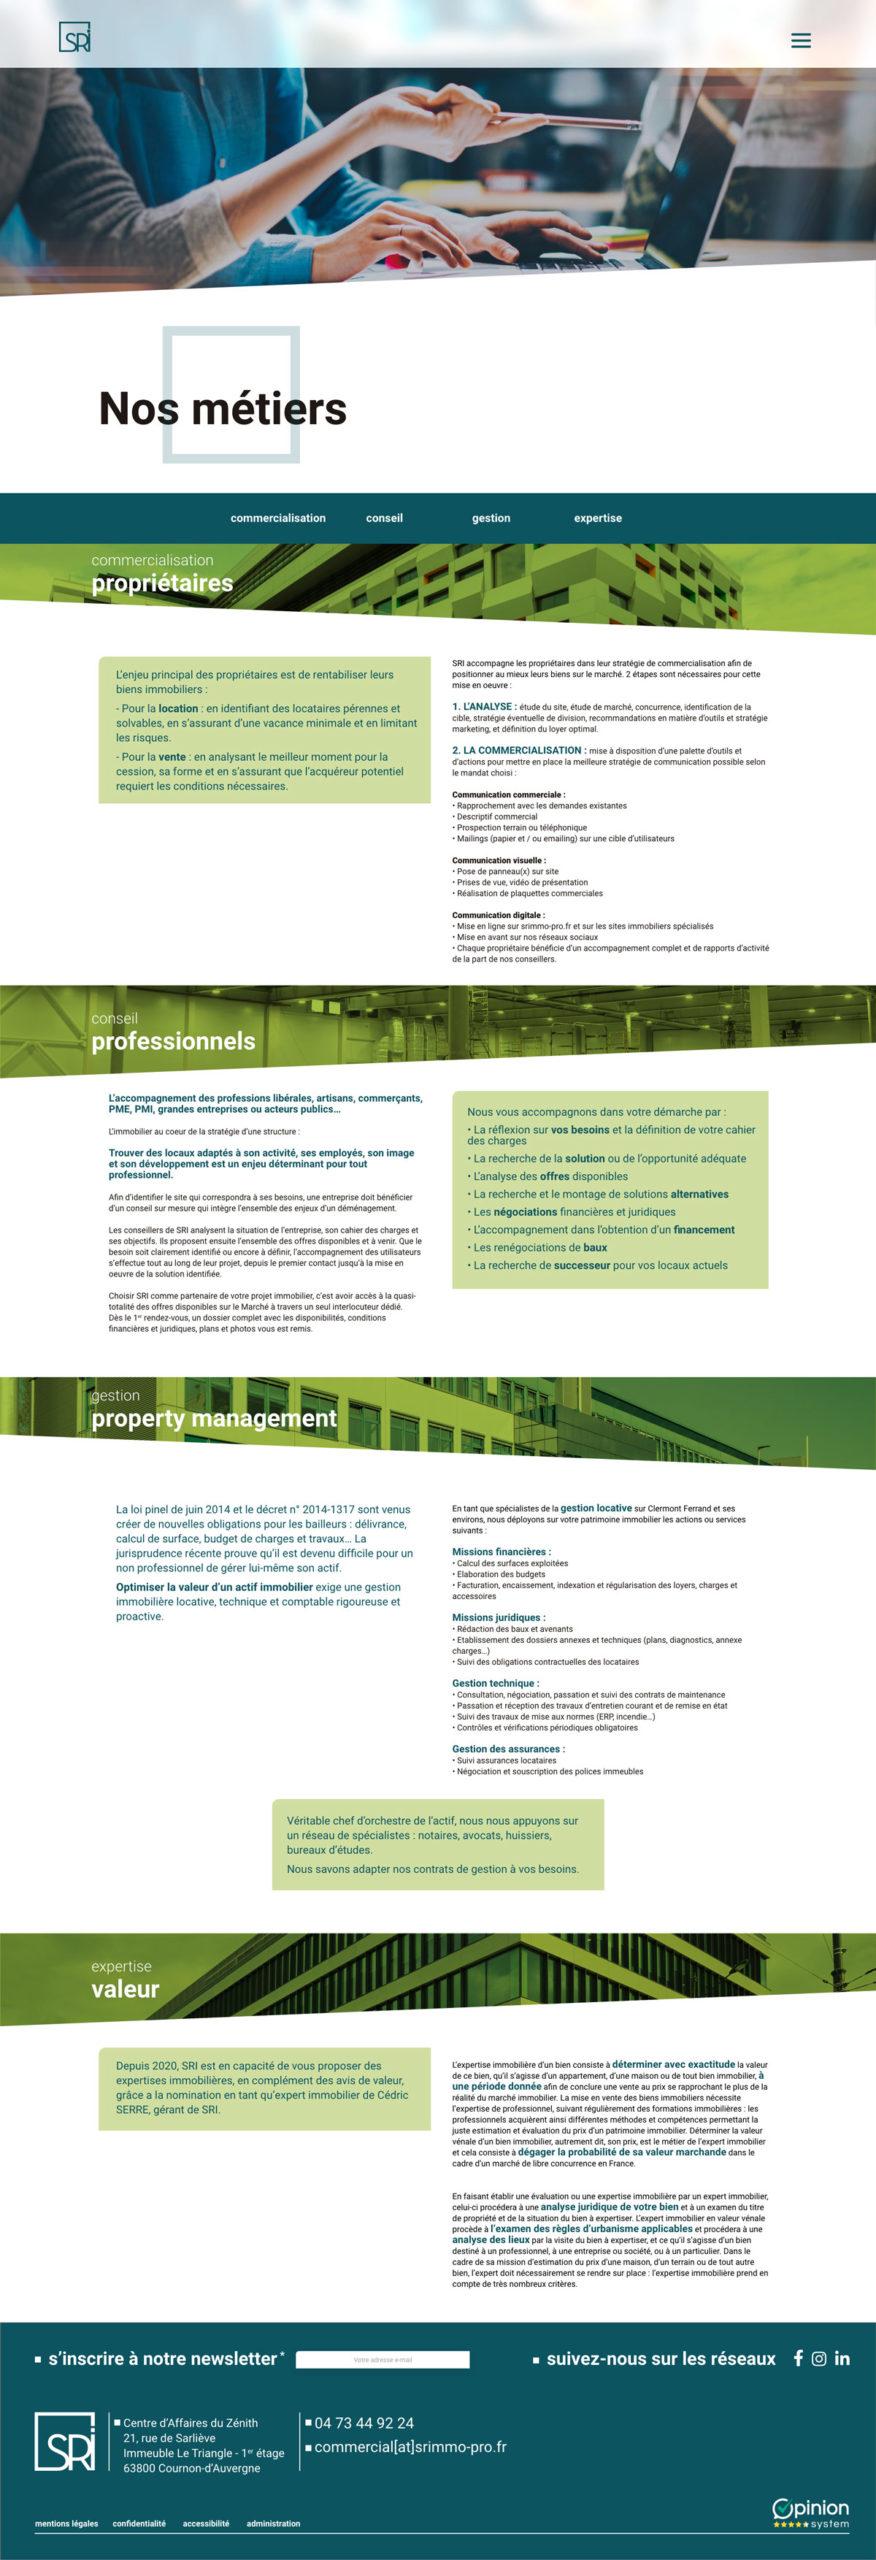 Vice Versa Maquette complète de la page nos métiers du site SRi